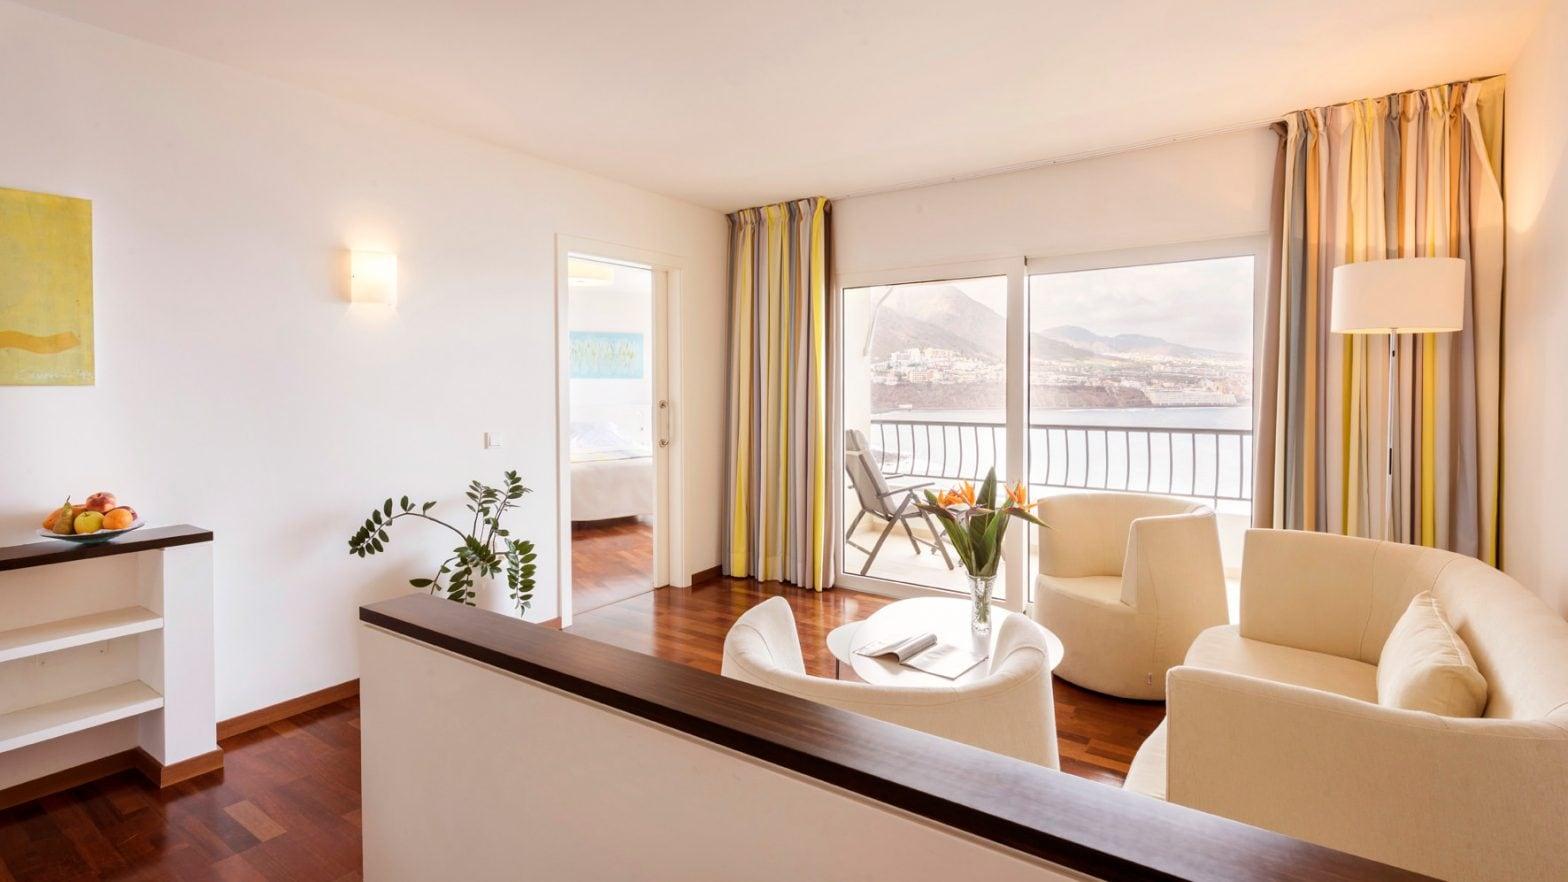 Design_Suite_hotel_oceano_teneriffa_2